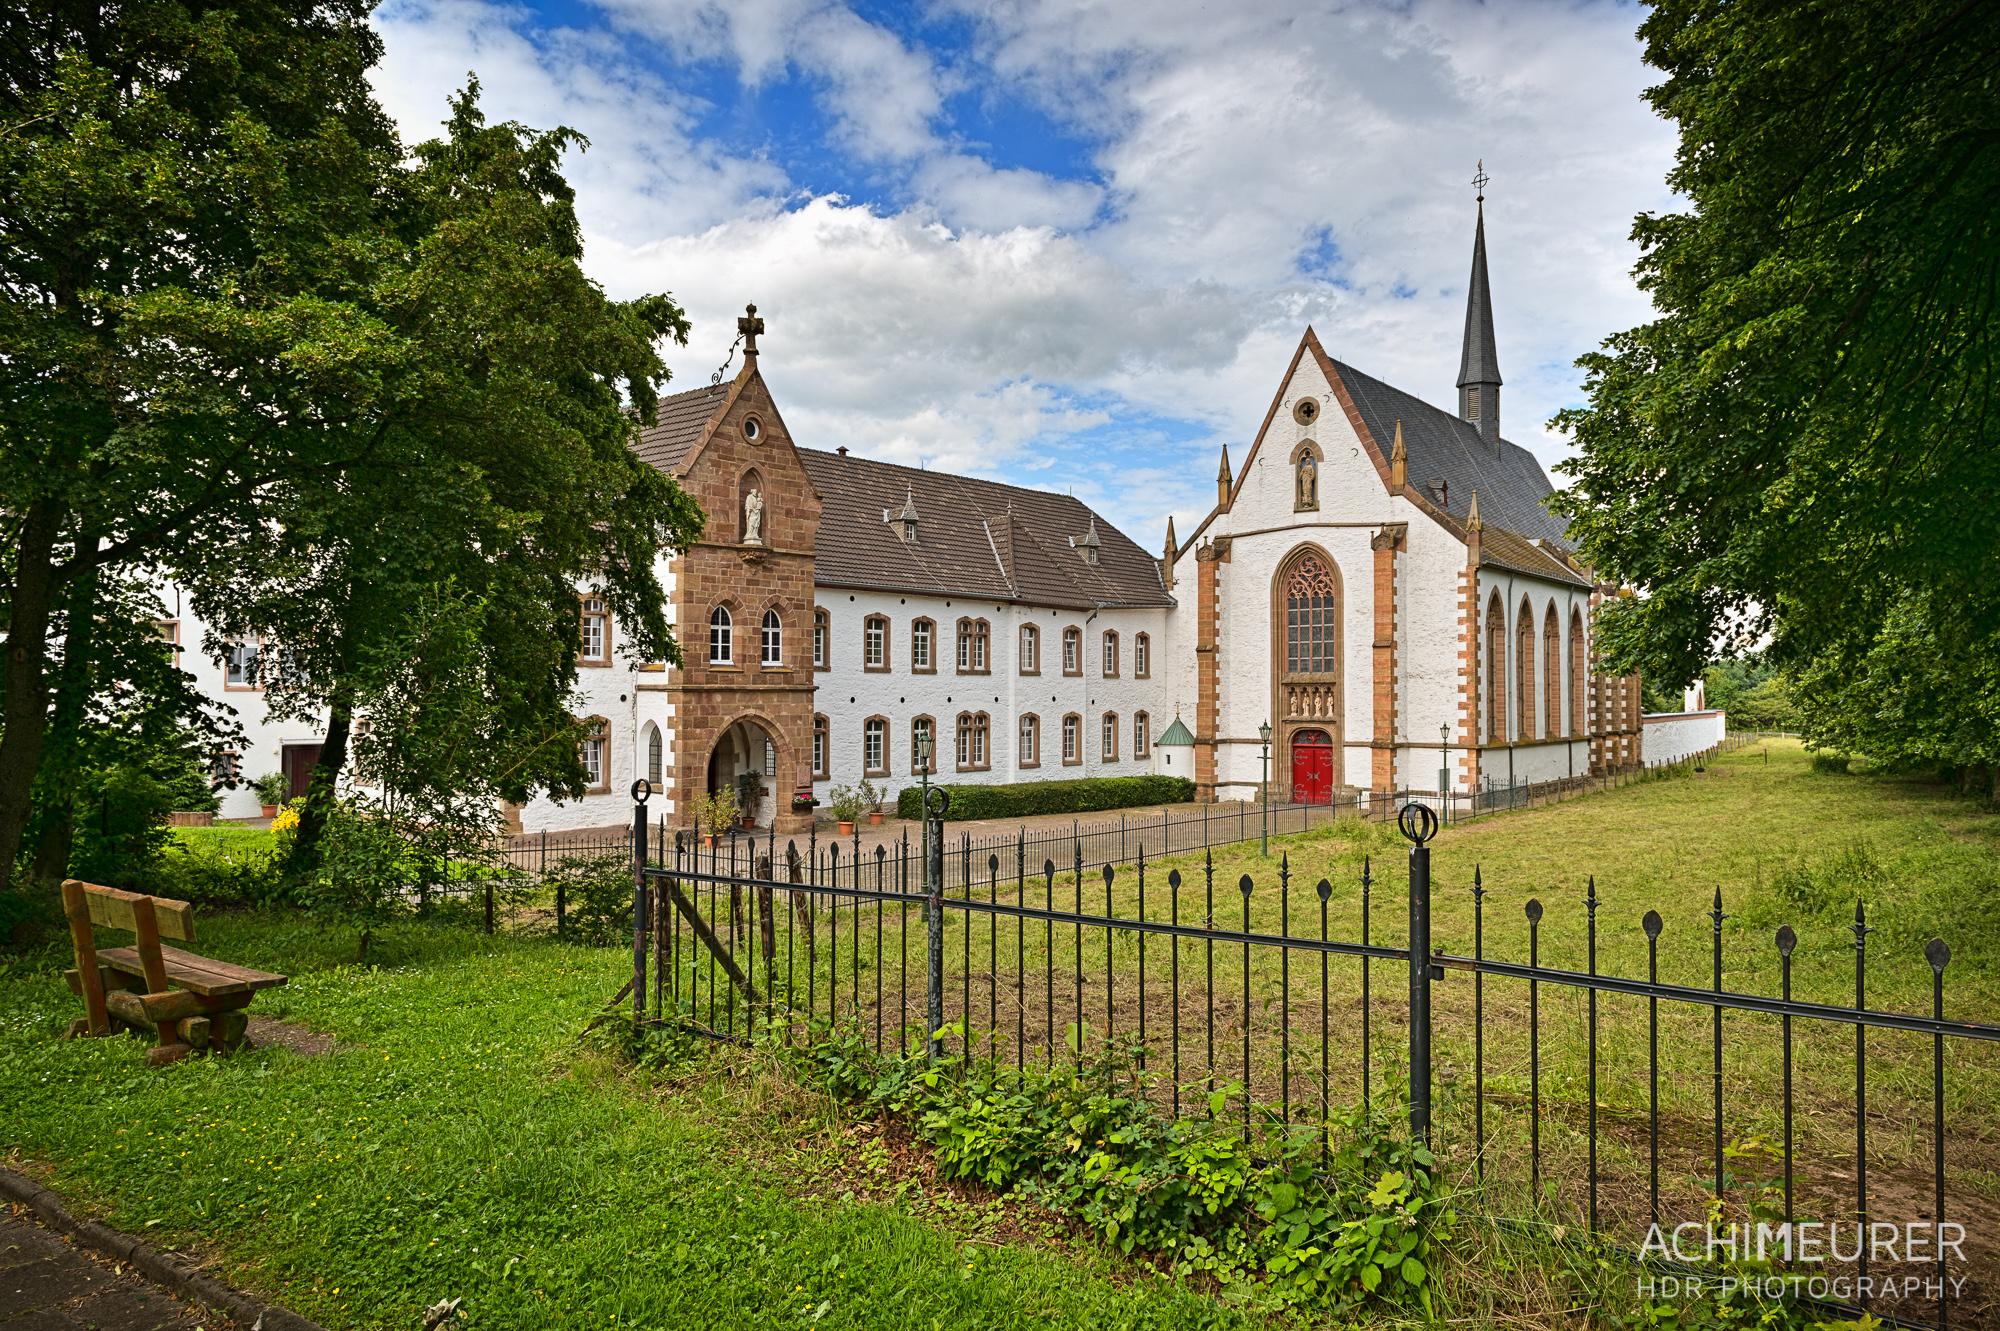 Eifel-Rheinland-Pfalz-Rureifel_5390_89_88_HDR